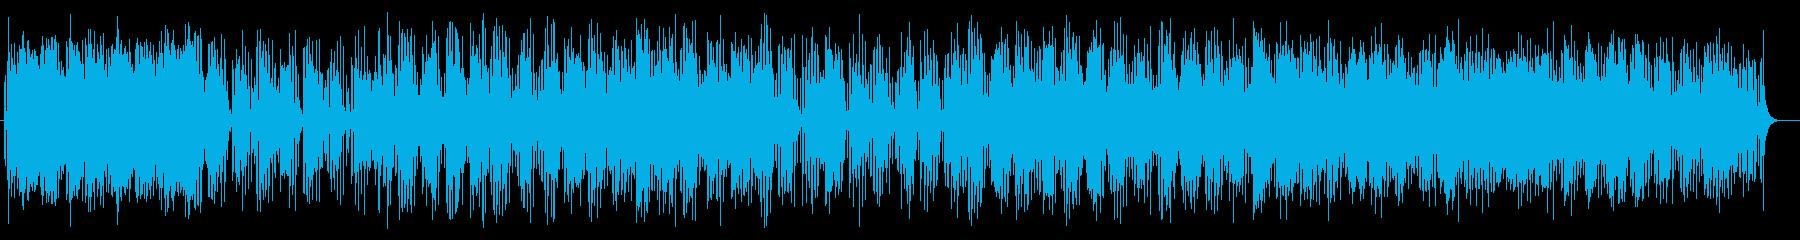 楽しげで軽やかなシンセサイザーサウンドの再生済みの波形